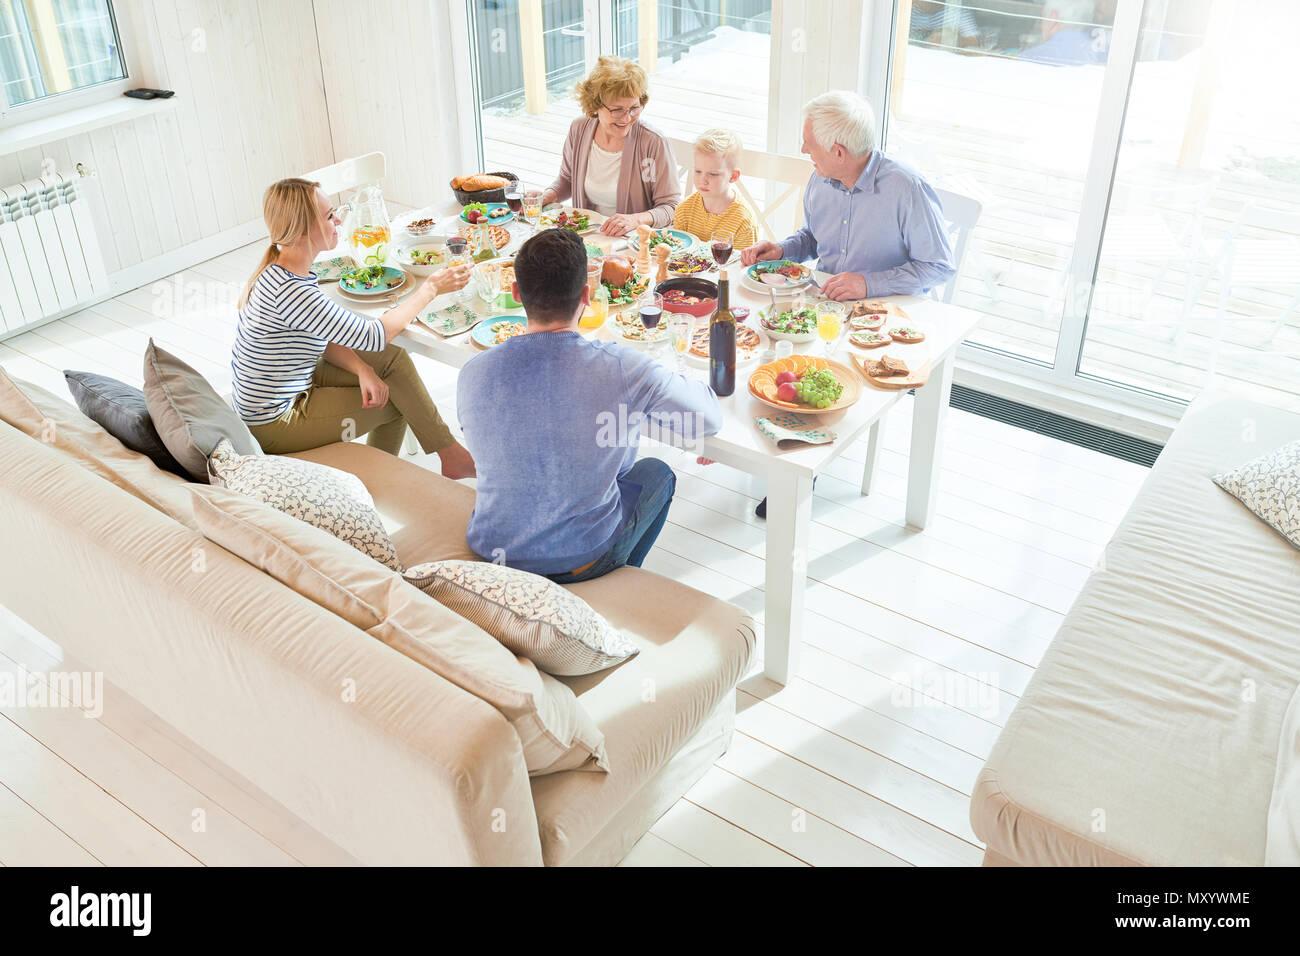 Weitwinkel Portrait von glückliche zwei Generation Familie Abendessen sitzen gemeinsam am festlich gedeckten Tisch mit köstlichen Gerichten während der Ferien celebrati Stockbild